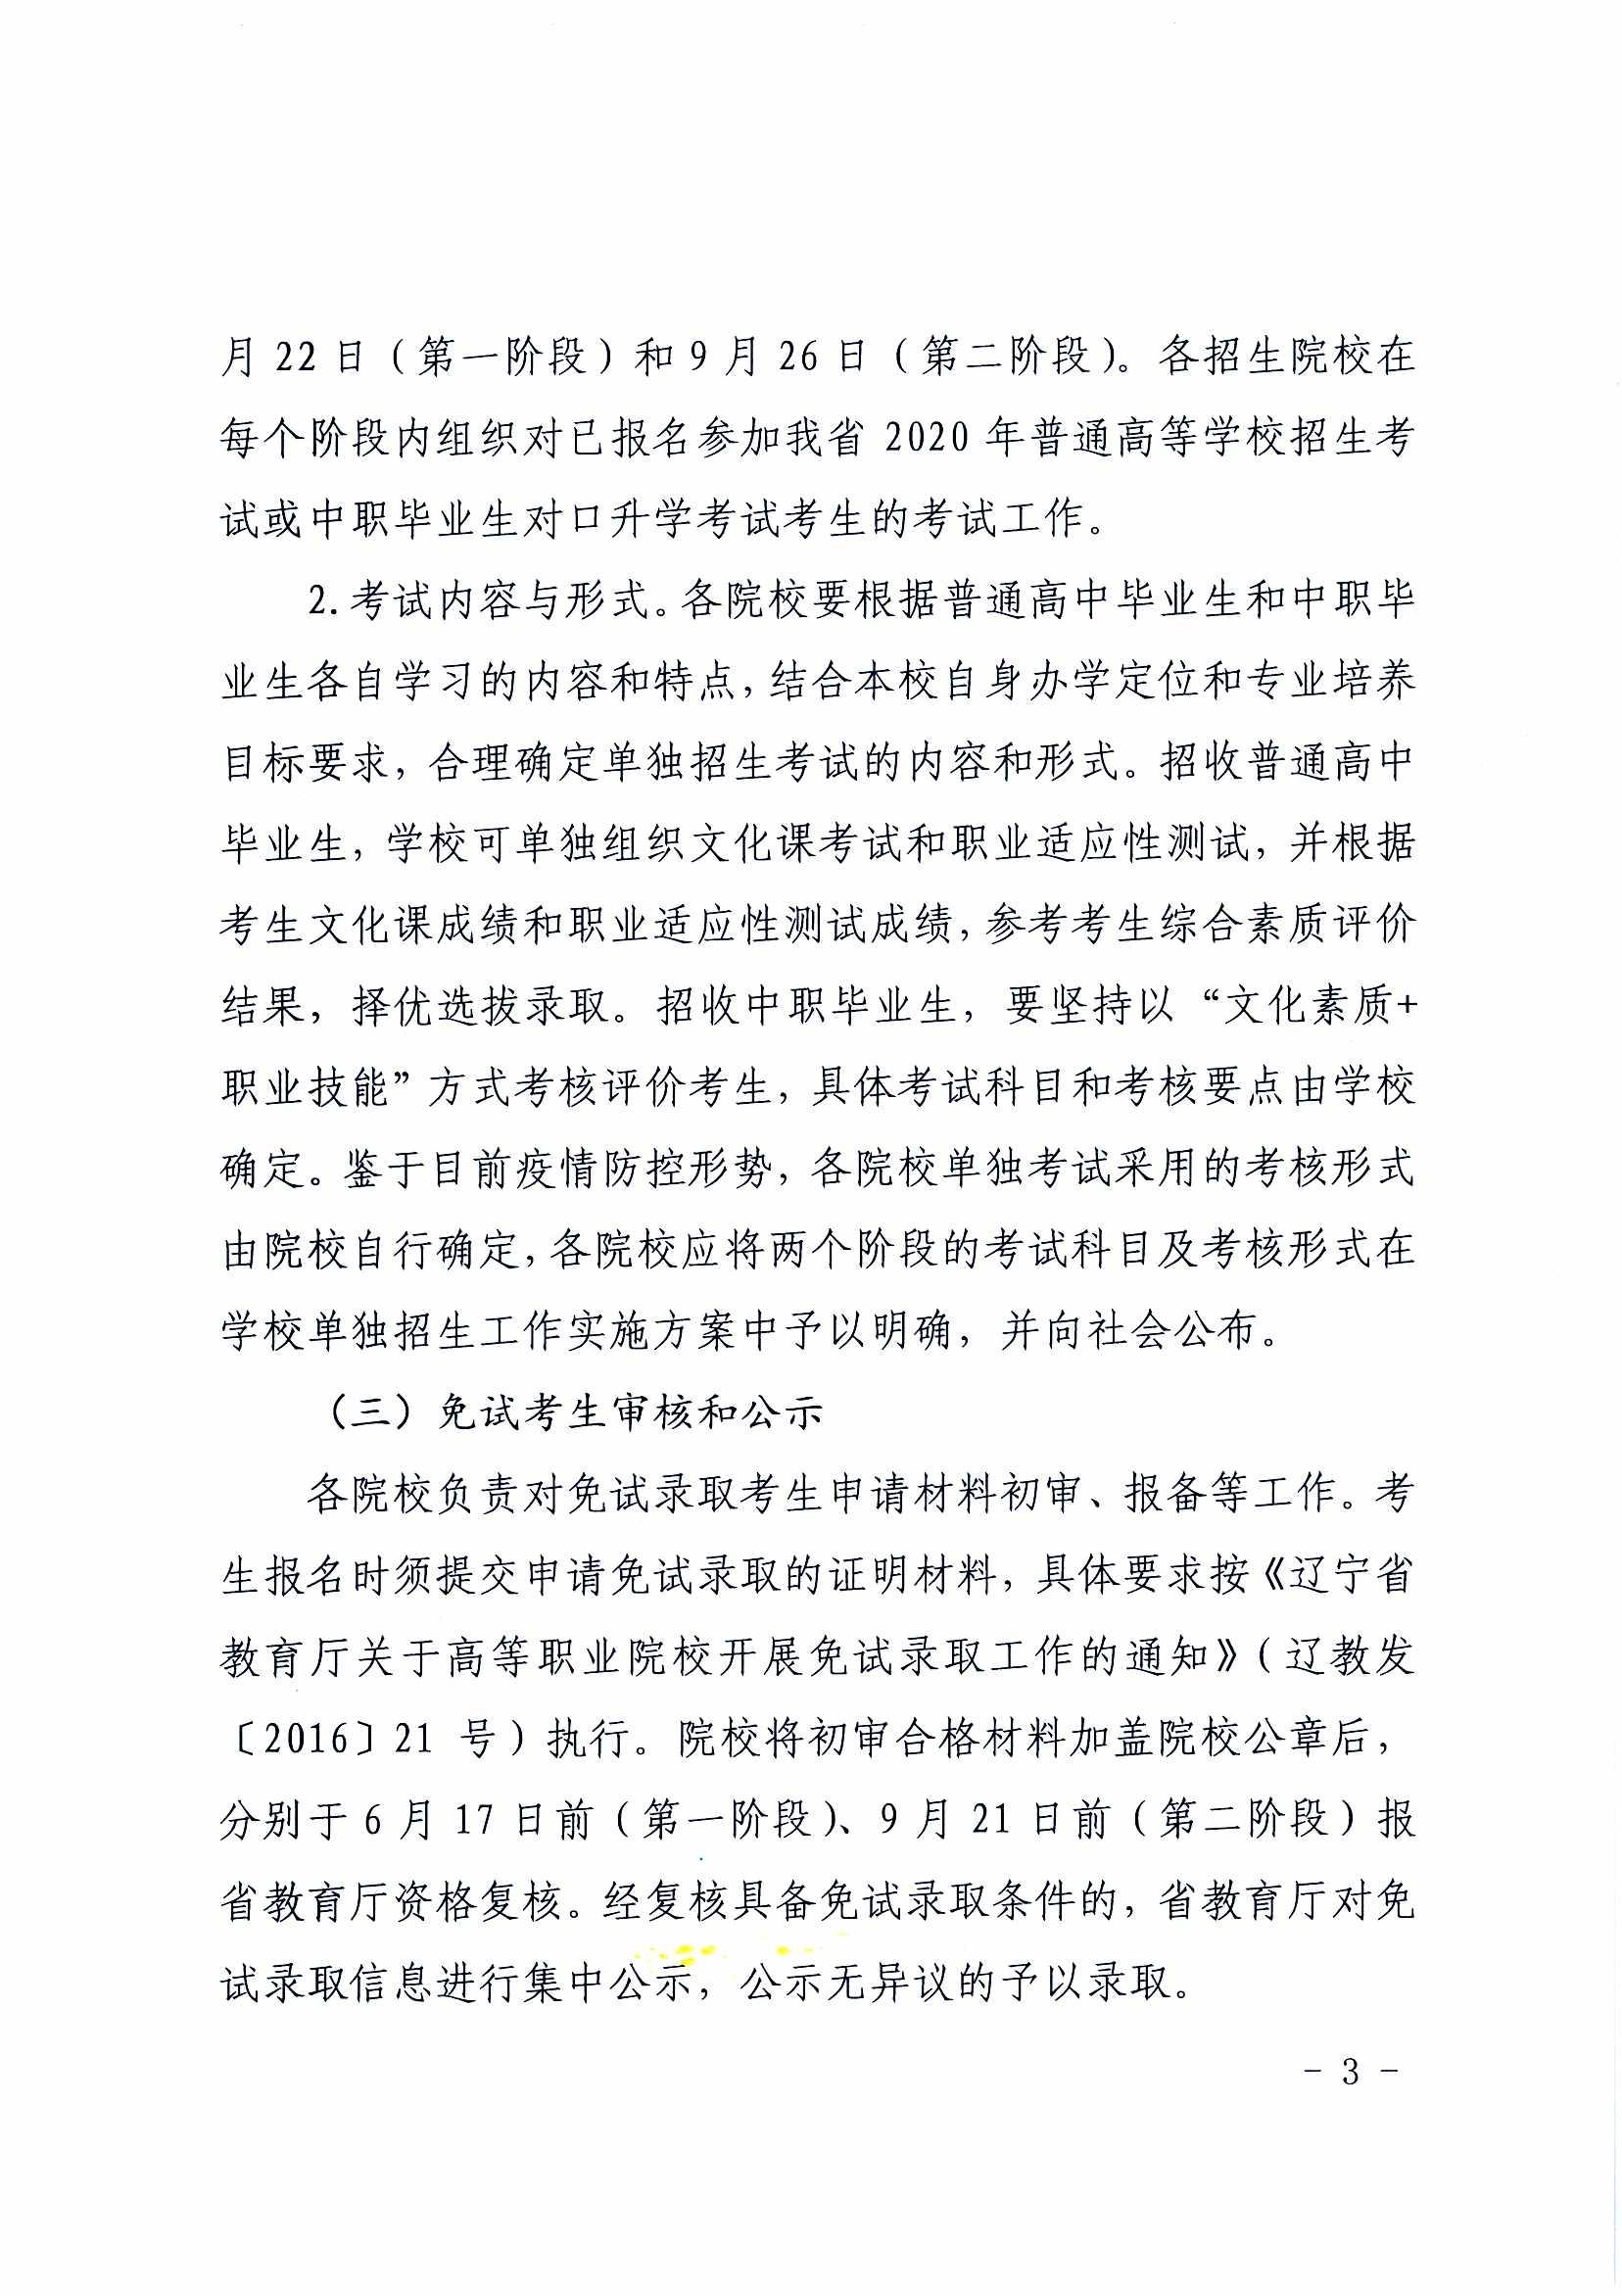 辽宁省教育厅关于开展2020年高等职业院校单独考试招生工作的......_页面_3